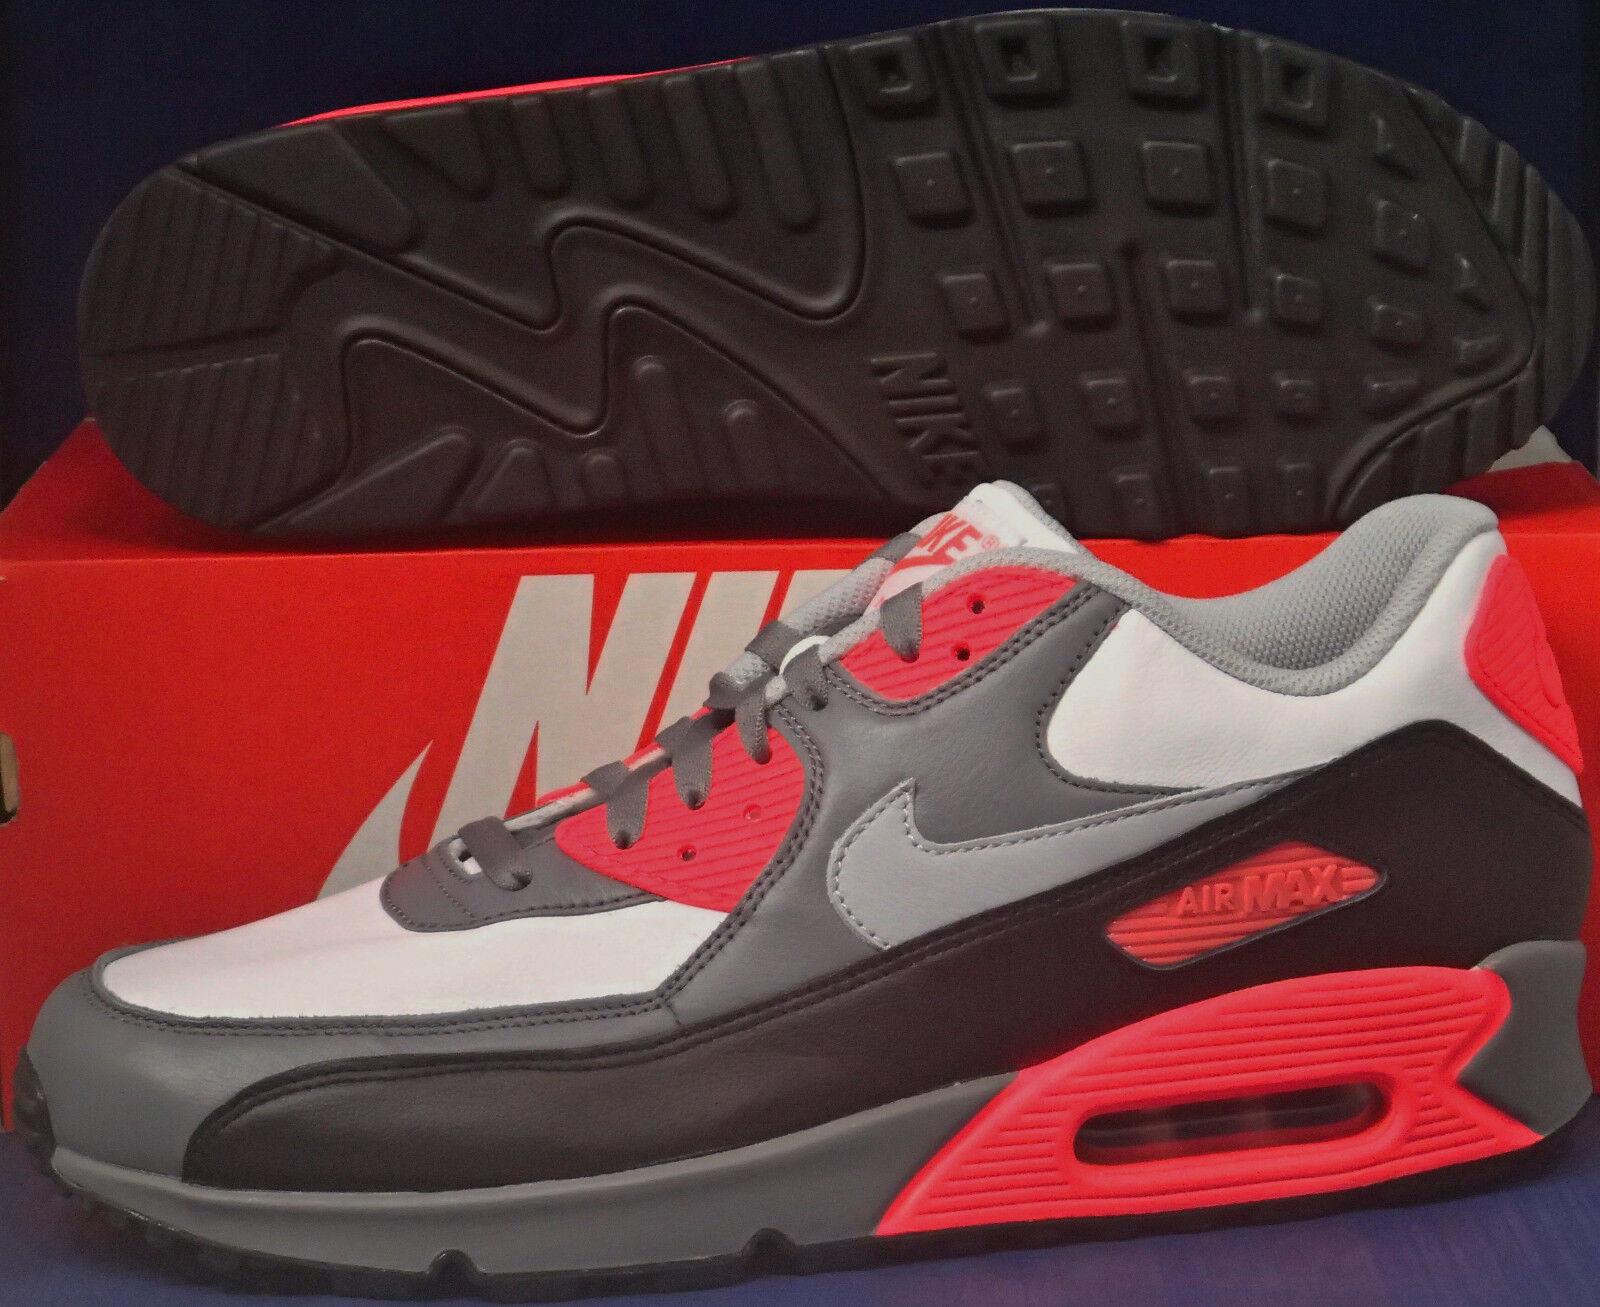 Nike Nike Nike Air Max 90 iD White Black Grey Infrared OG SZ 11.5 ( 653533-997 ) 8690c7